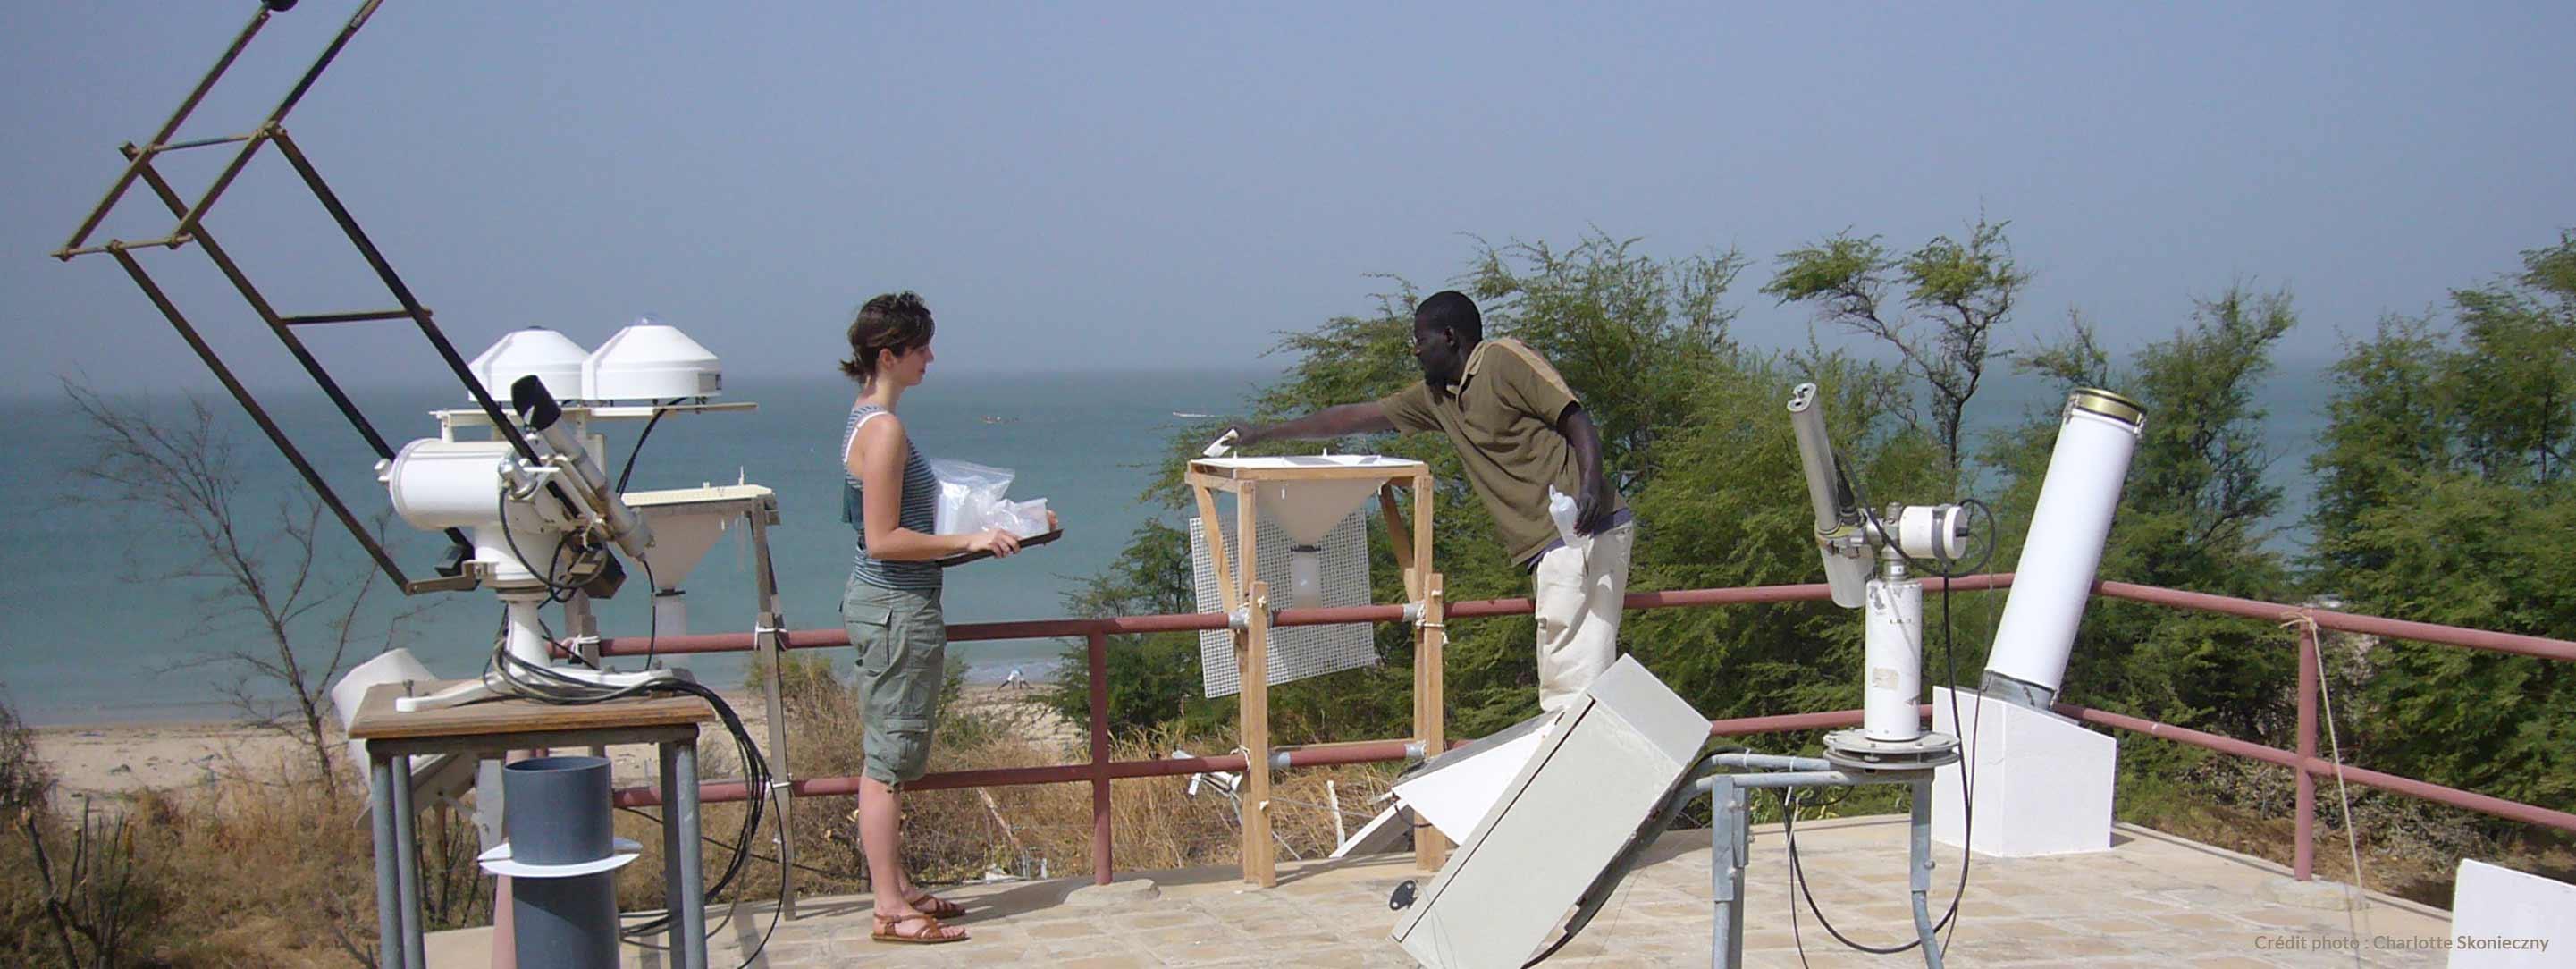 Collecte de poussières sahariennes_Station IRD Mbour Sénégal